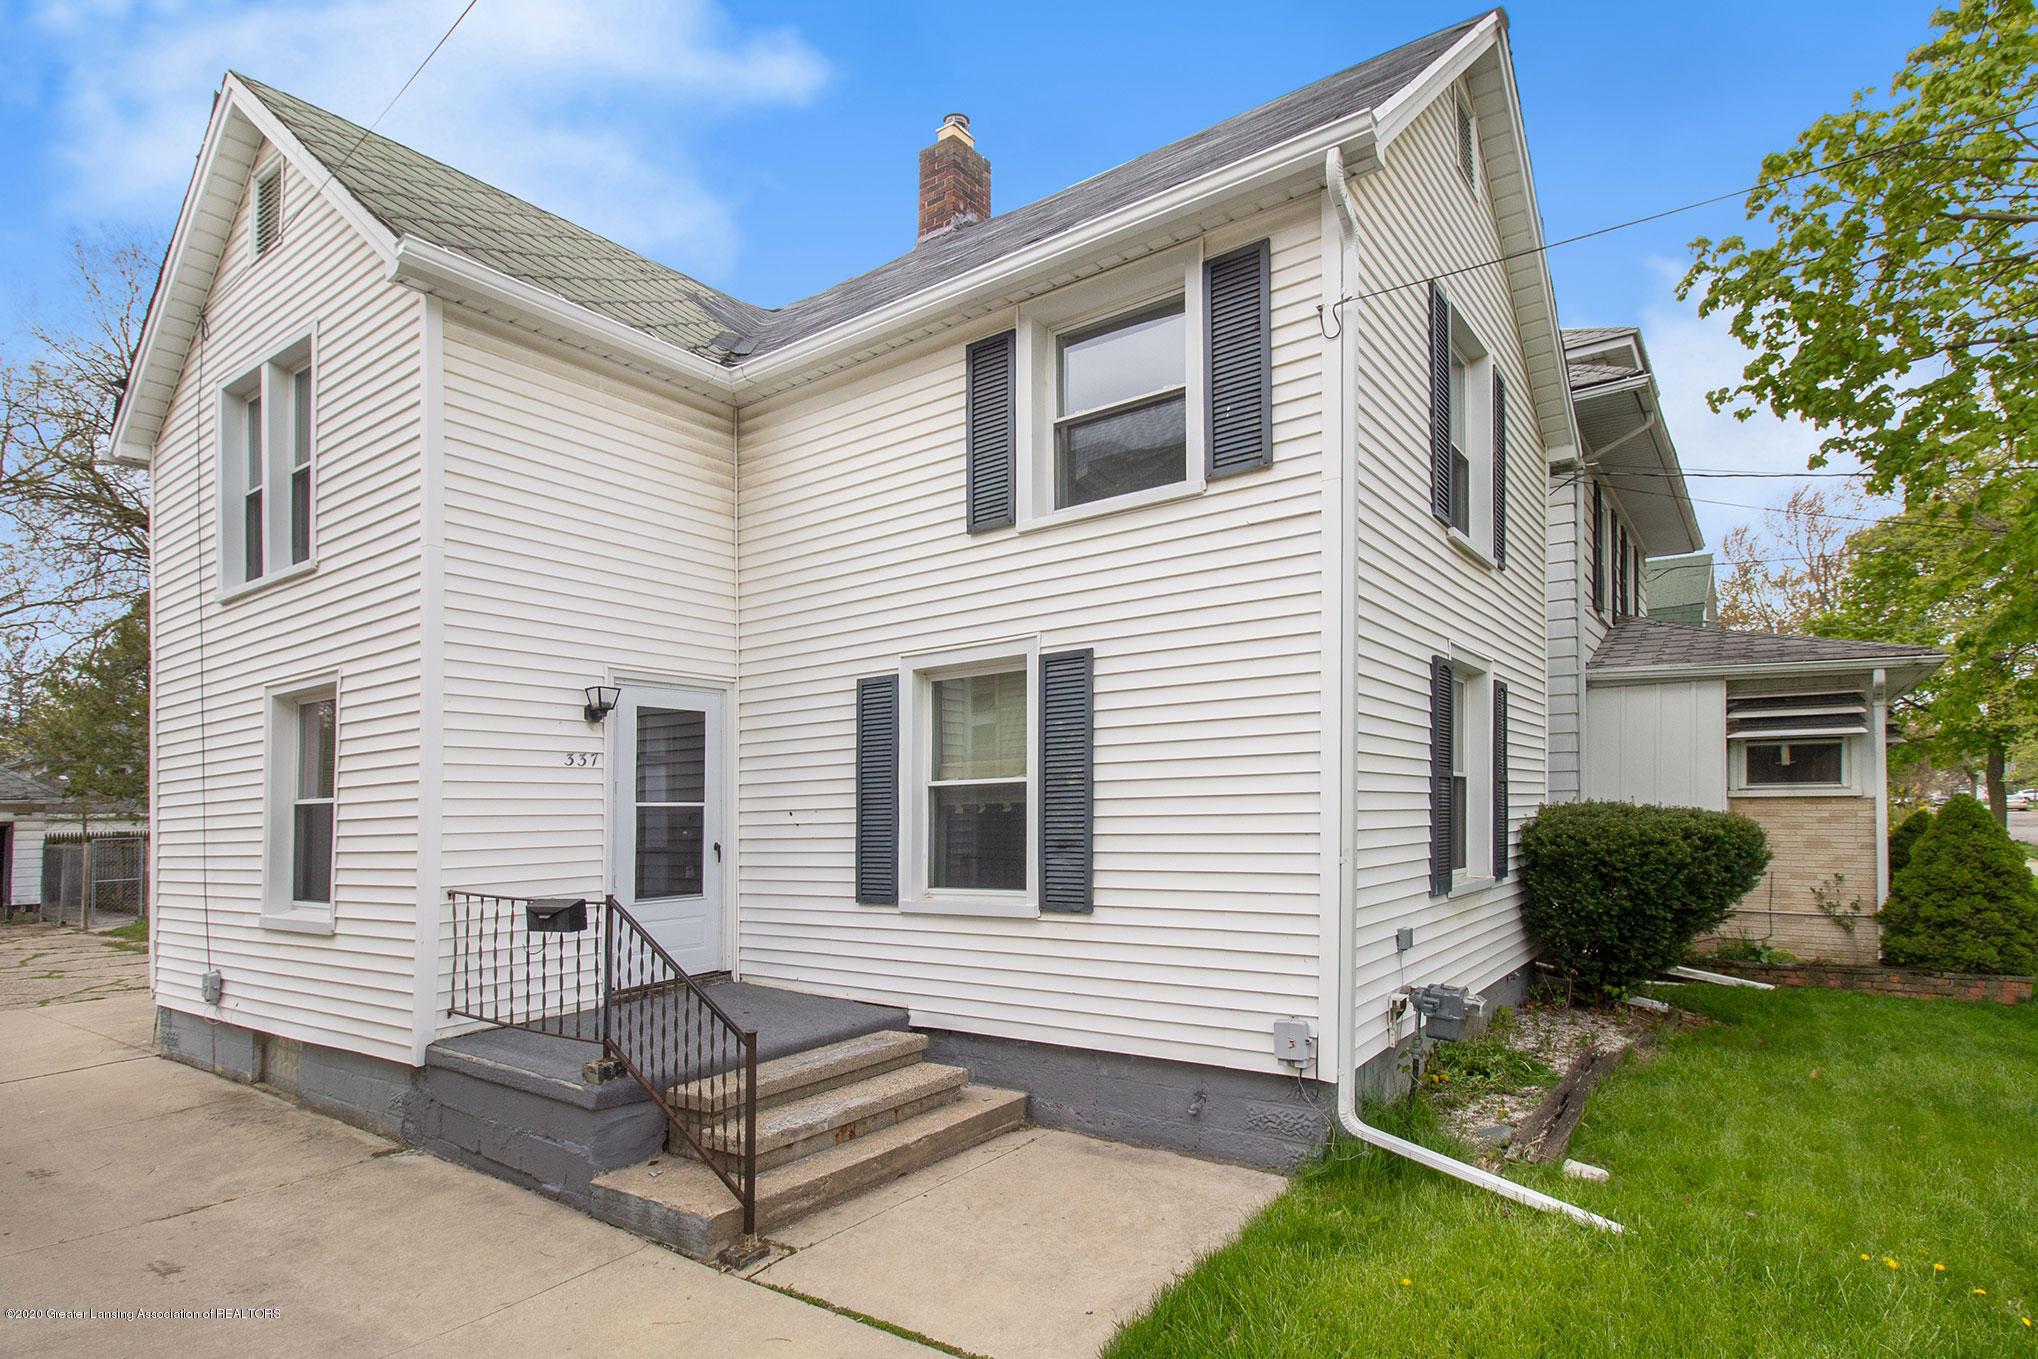 337 N Fairview Ave - 23 - 3